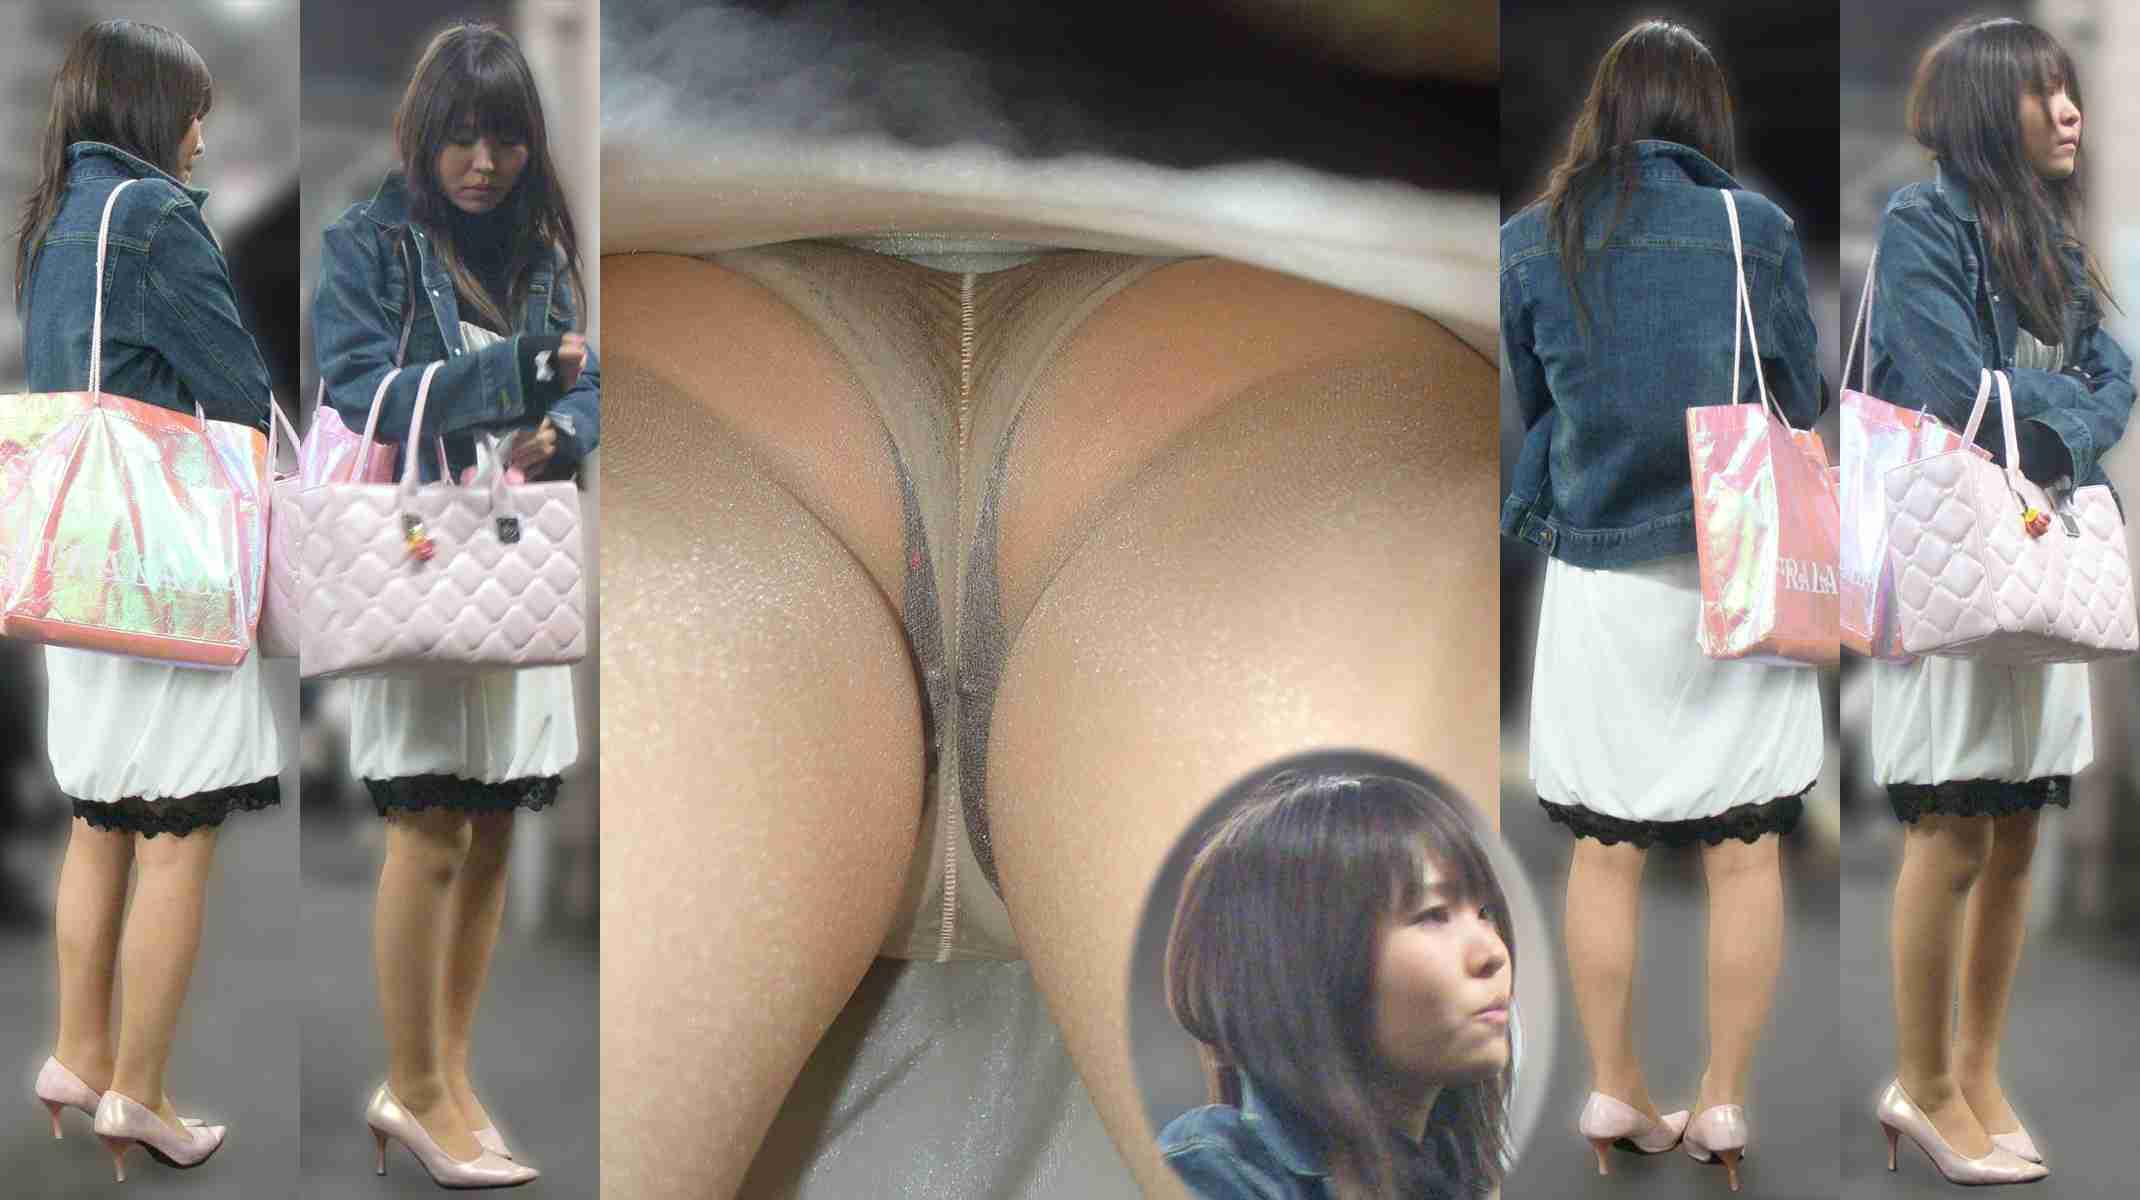 ジージャン着た女性のパンチラを盗撮!